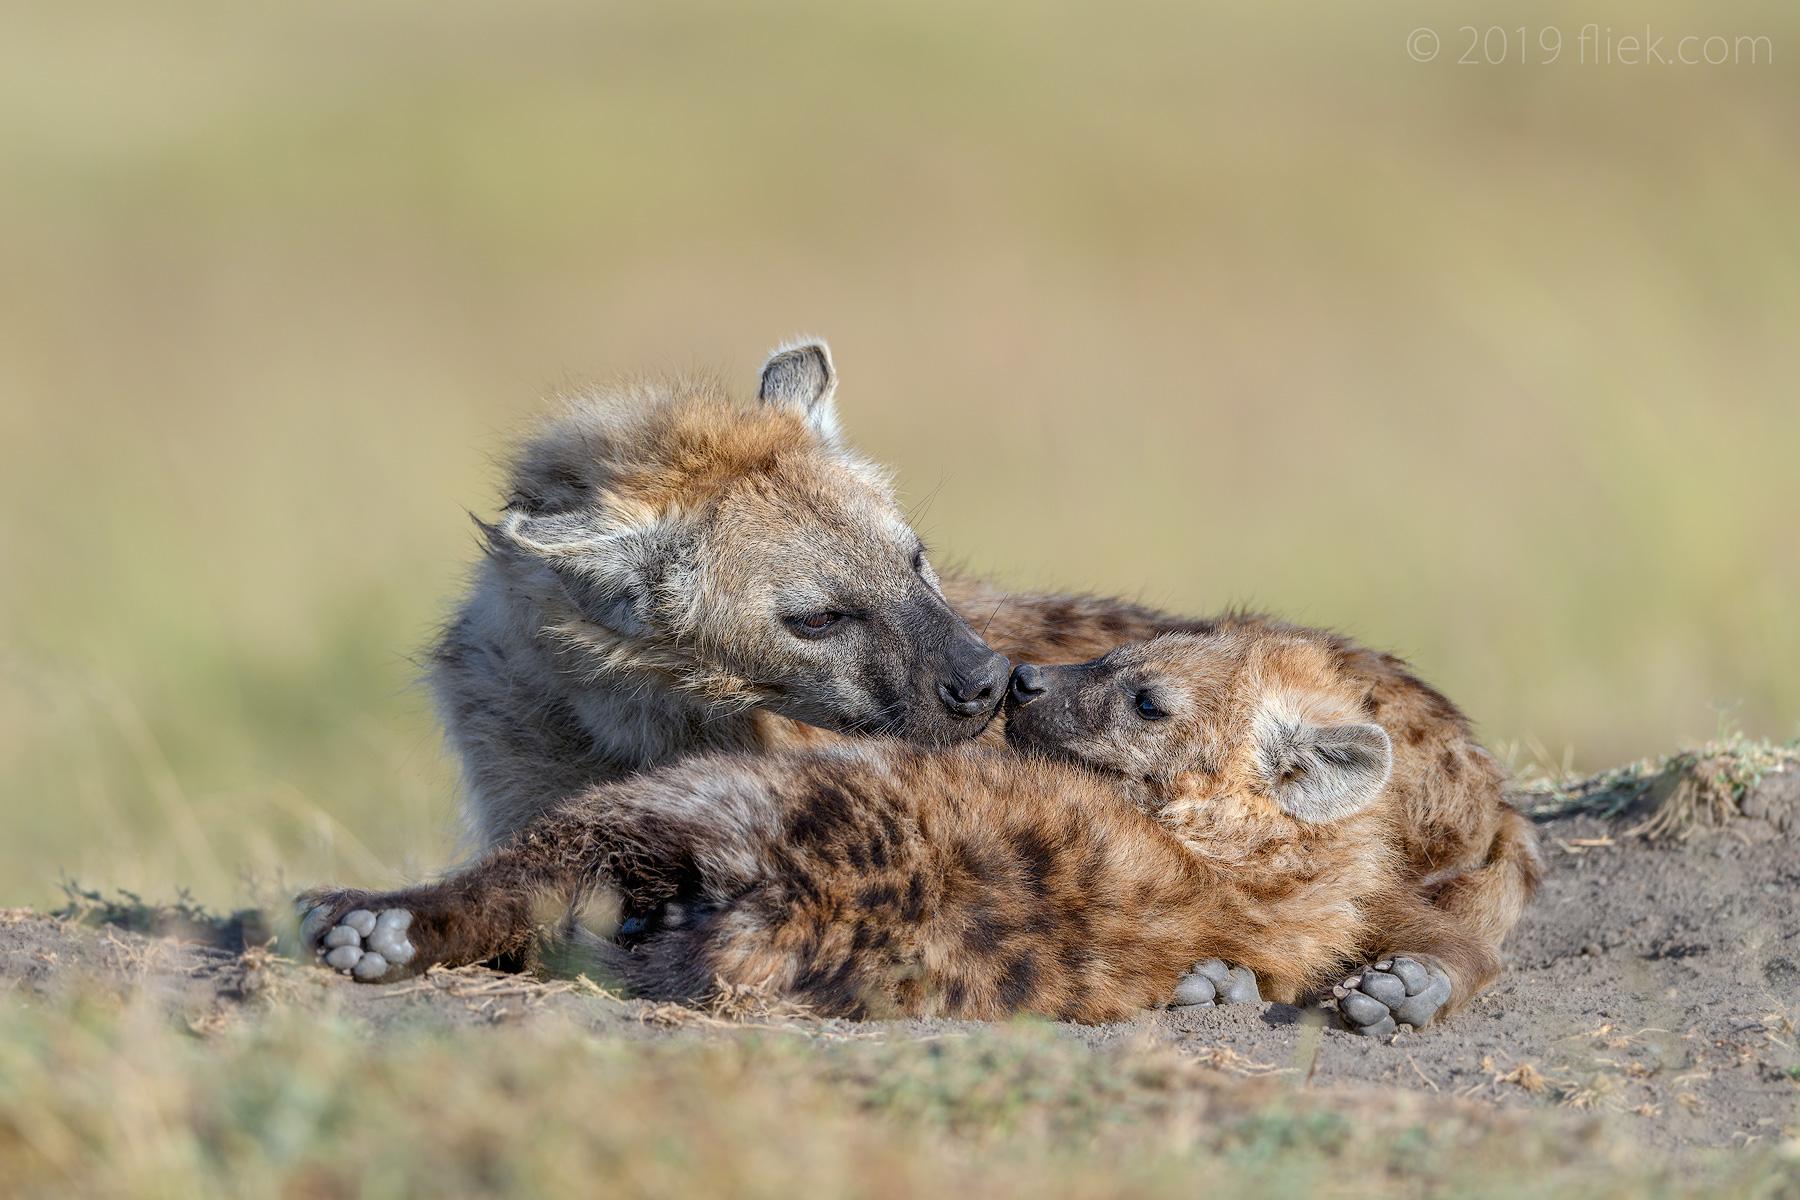 Mara land is… Hyena Land